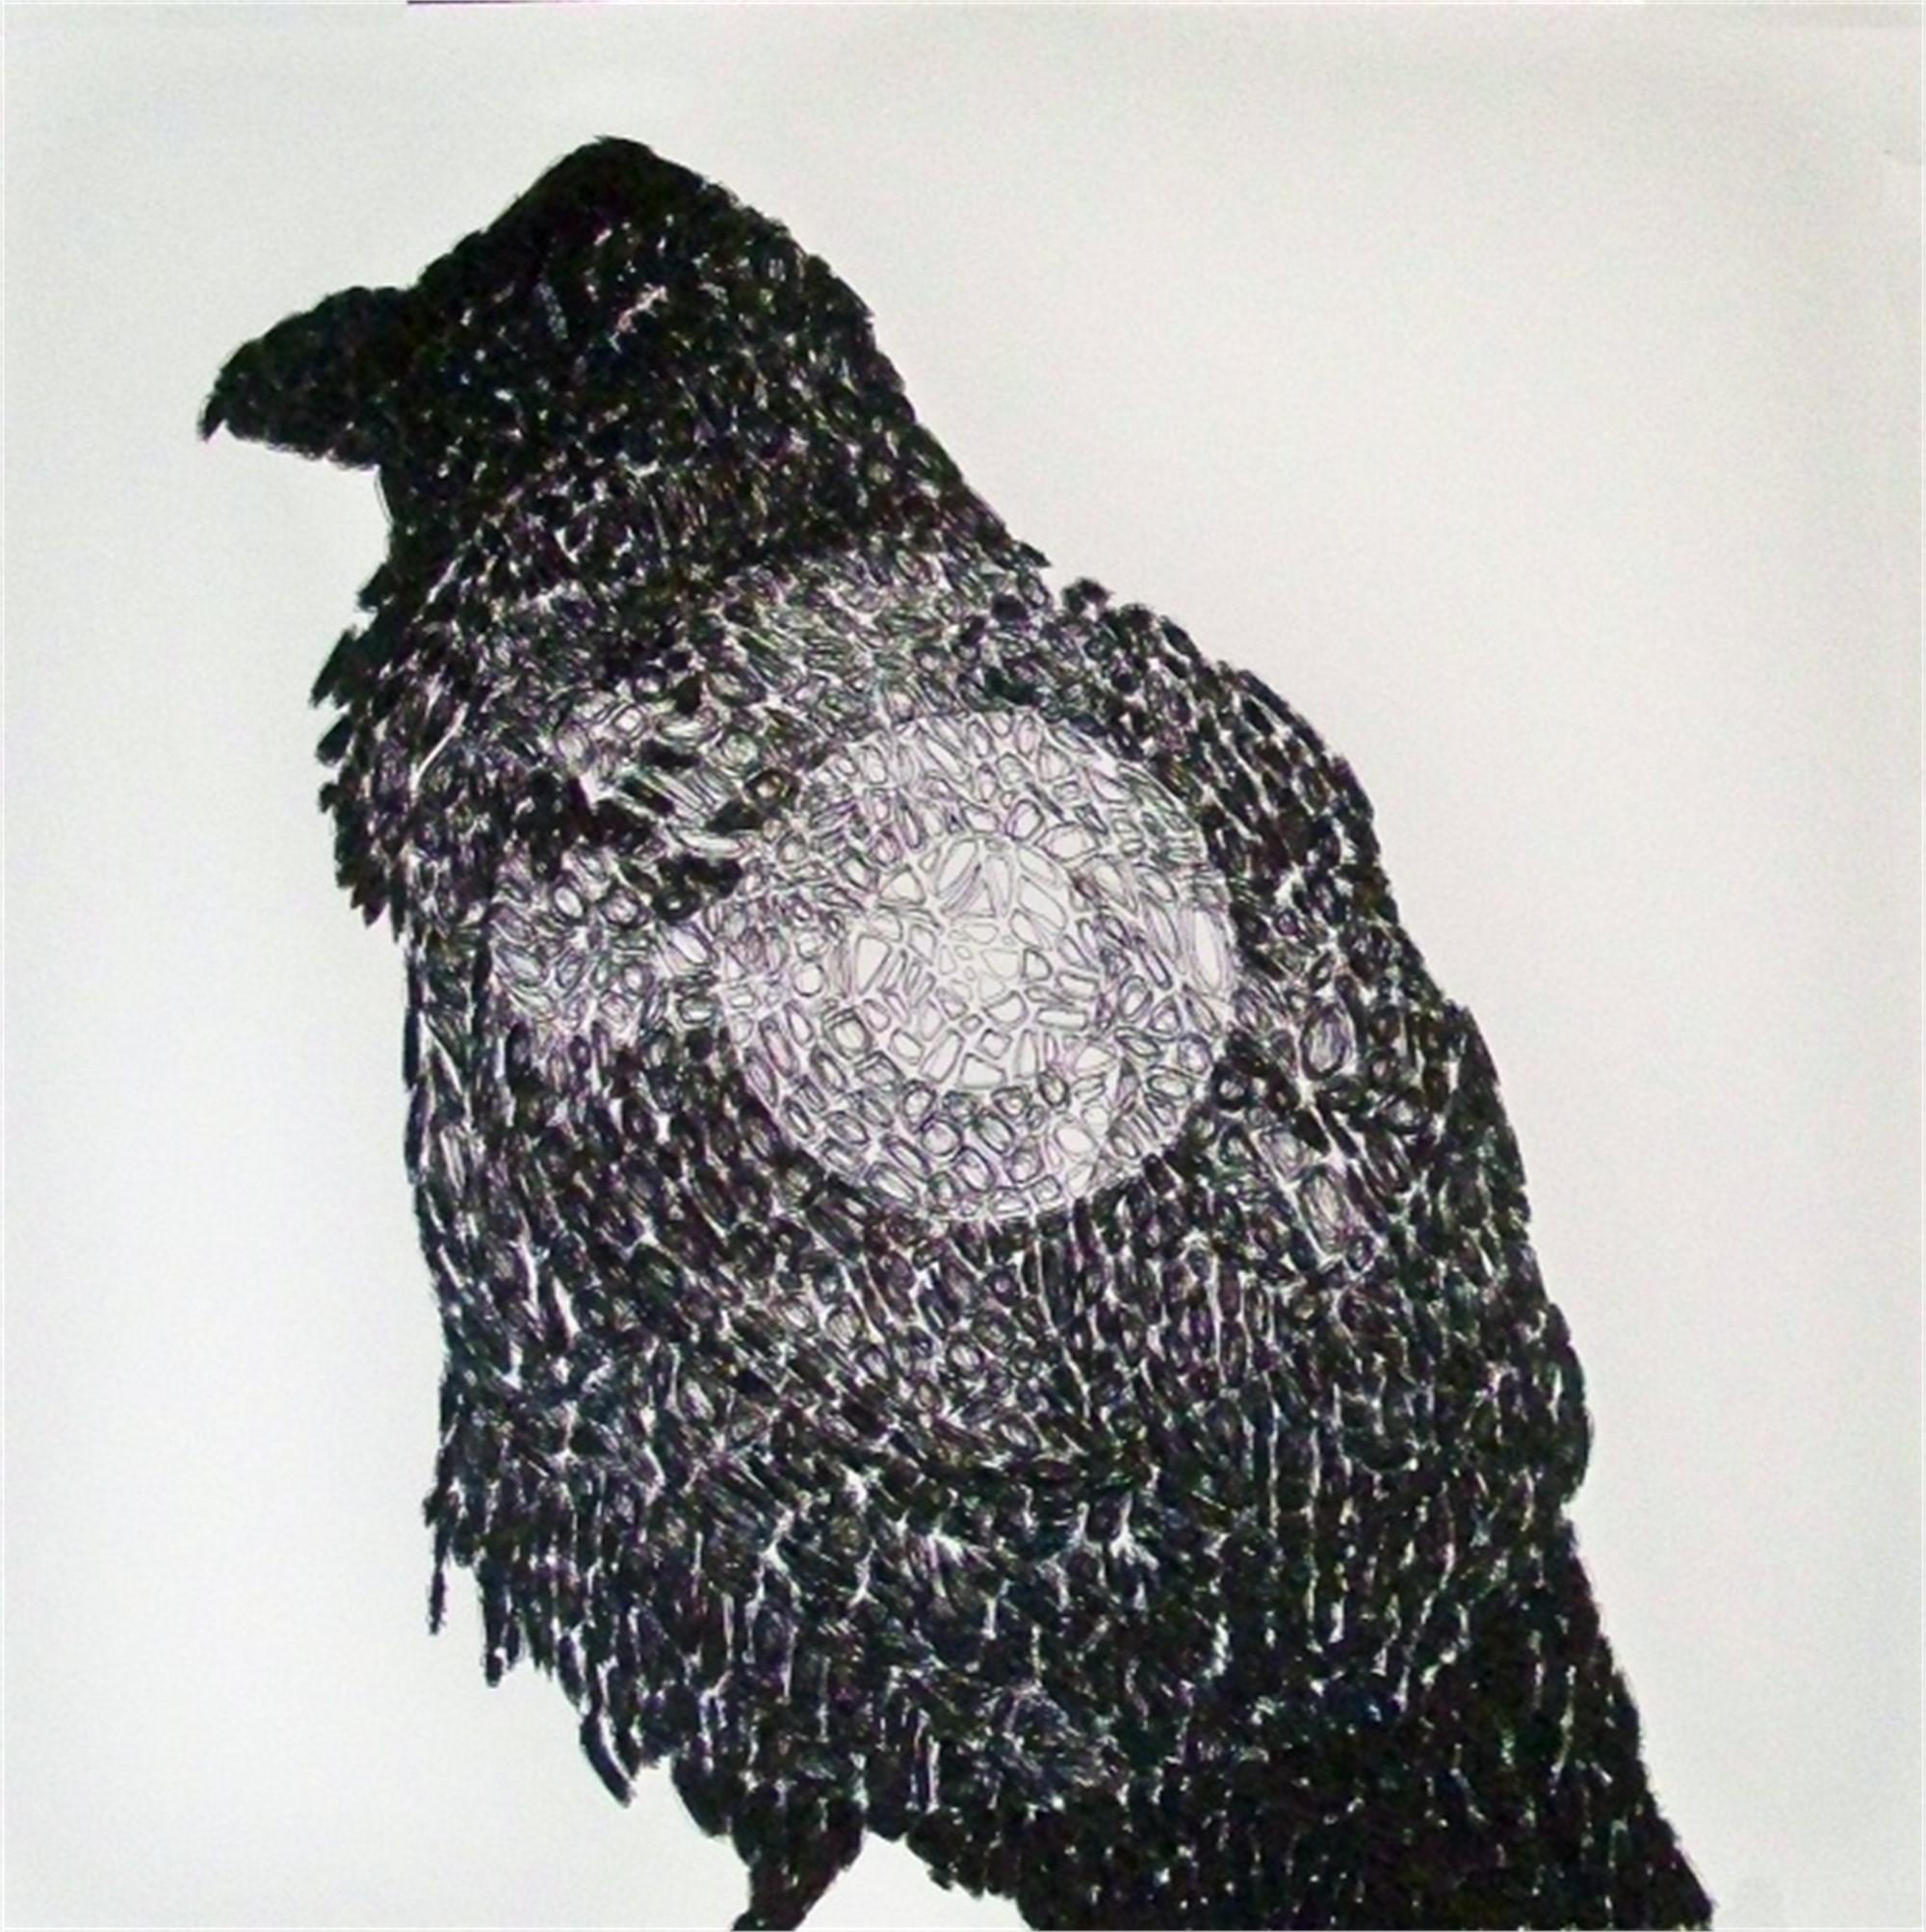 43,133 (Raven) by John Adelman